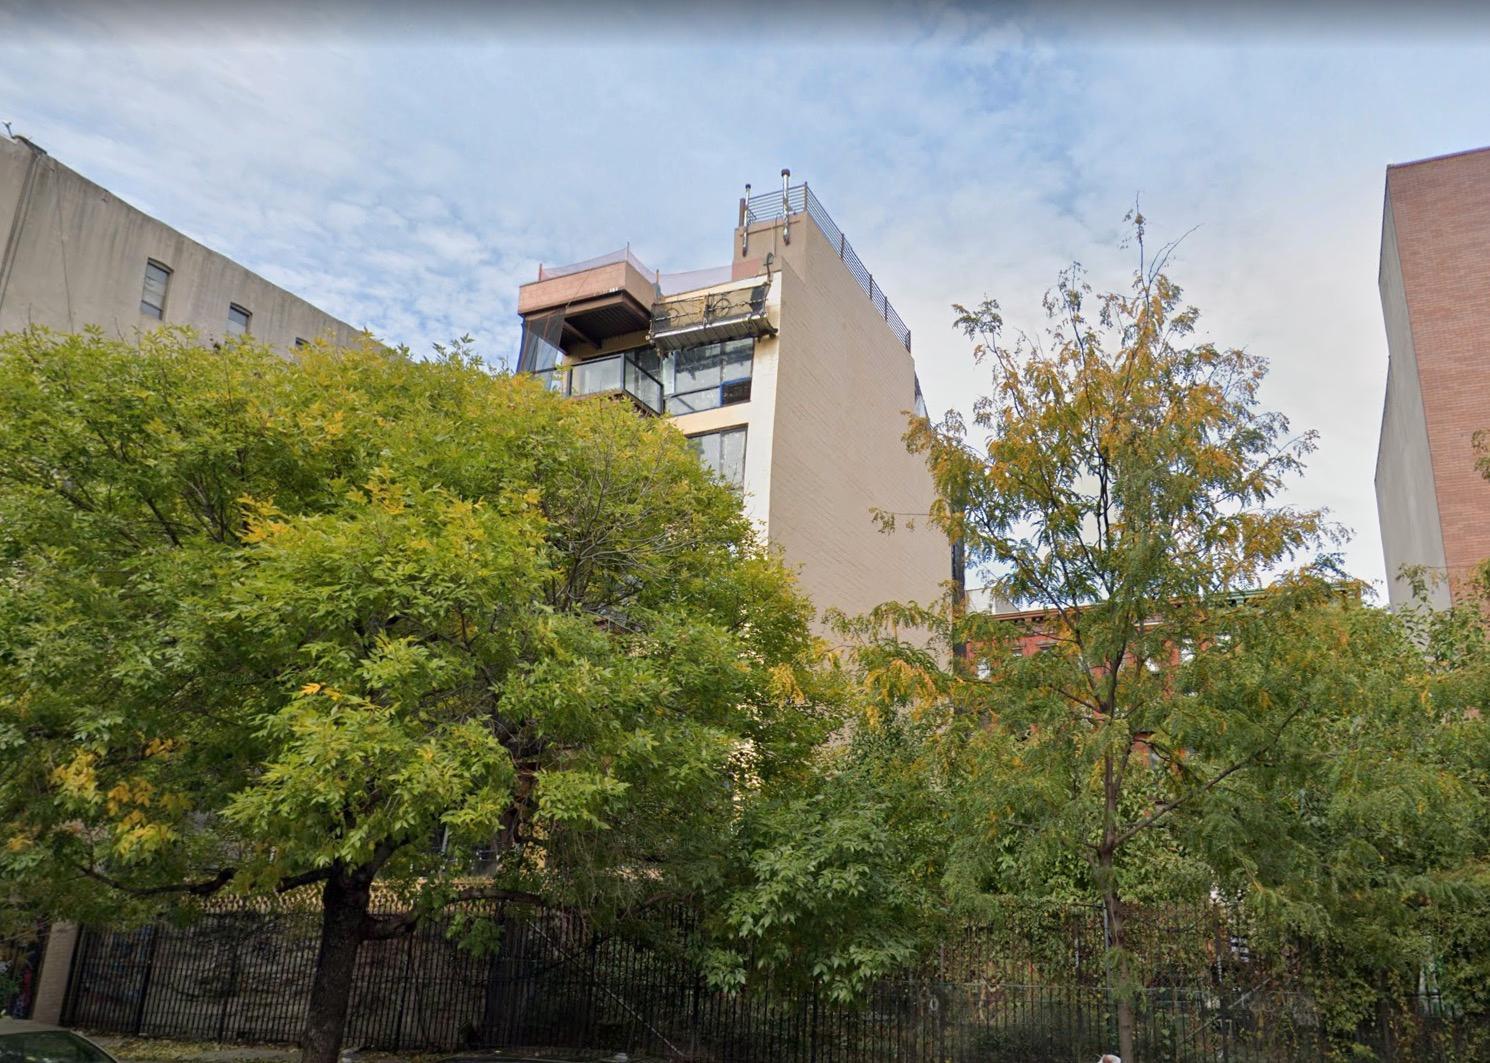 Eva Dahlgrens och Efva Attlings lägenhet ligger högst upp i fastigheten och har en takterrass med utsikt över Manhattan